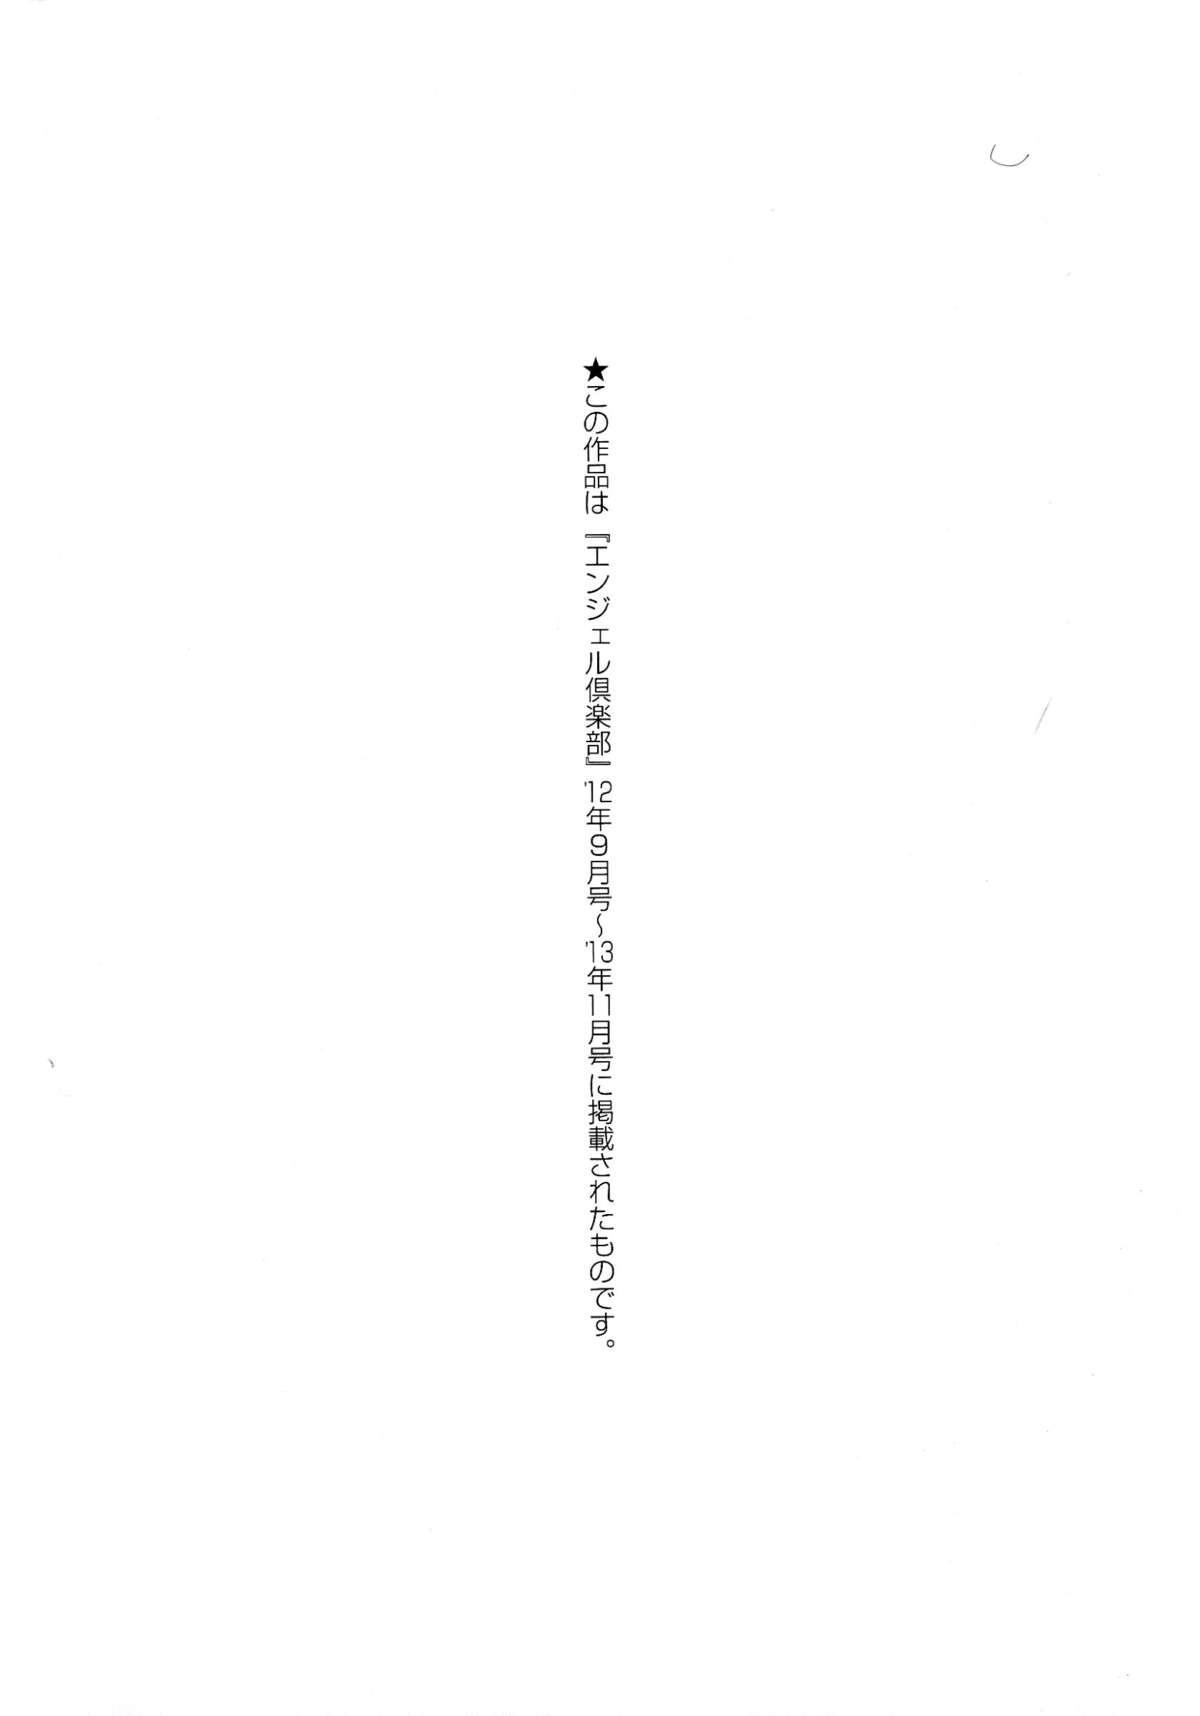 Megabody Night - Watashi no Oniku o Meshiagare 183